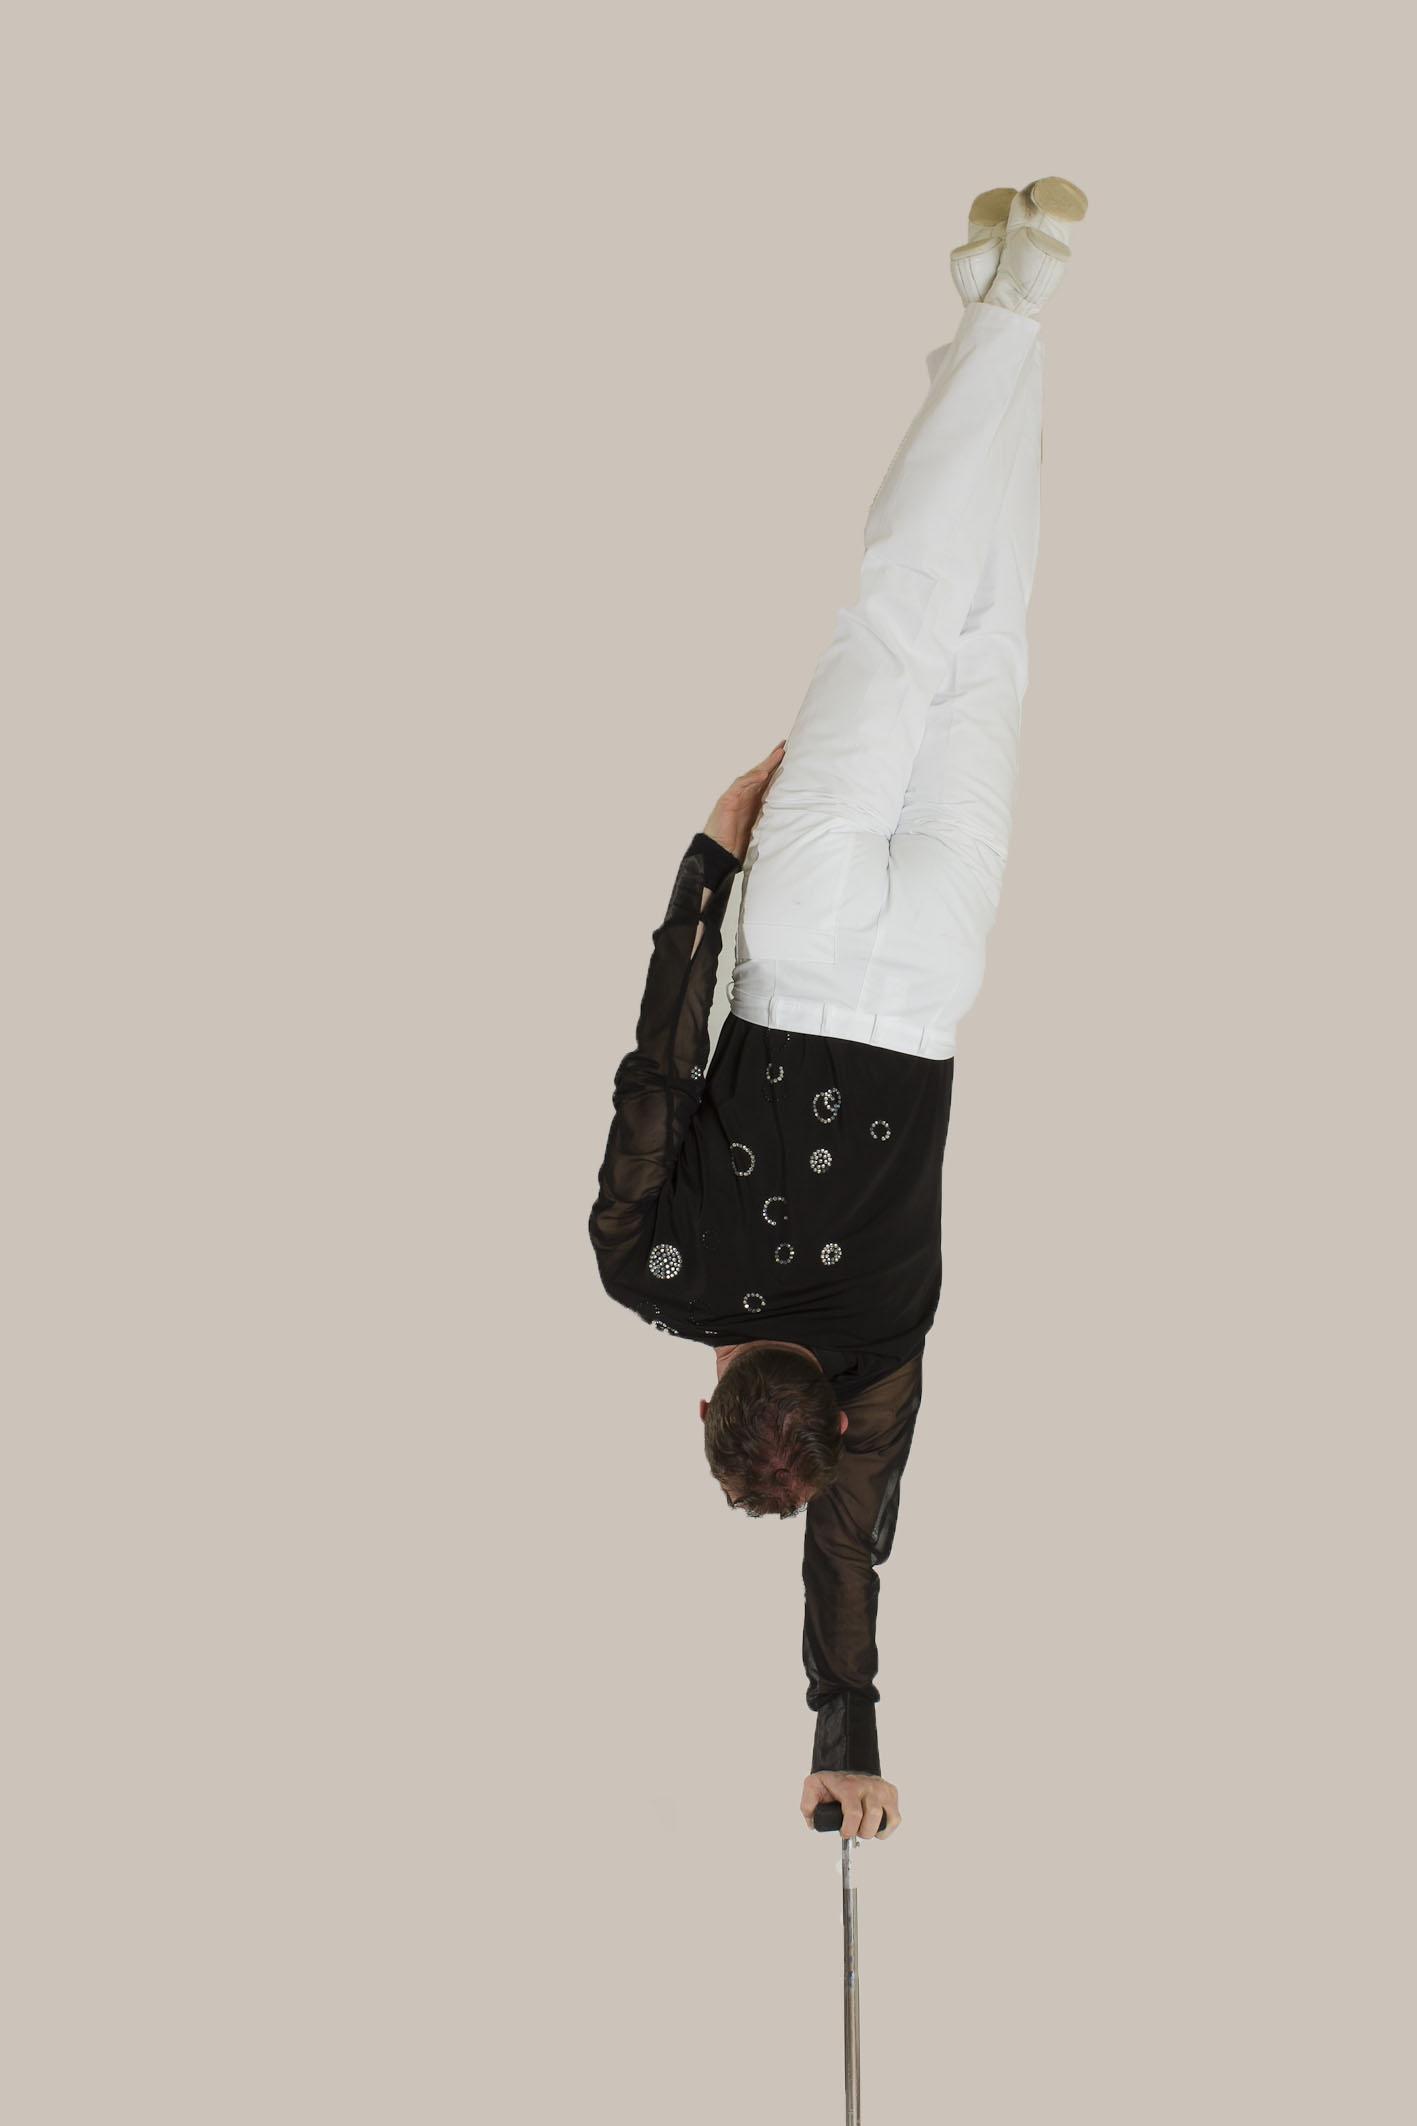 Handstand 3